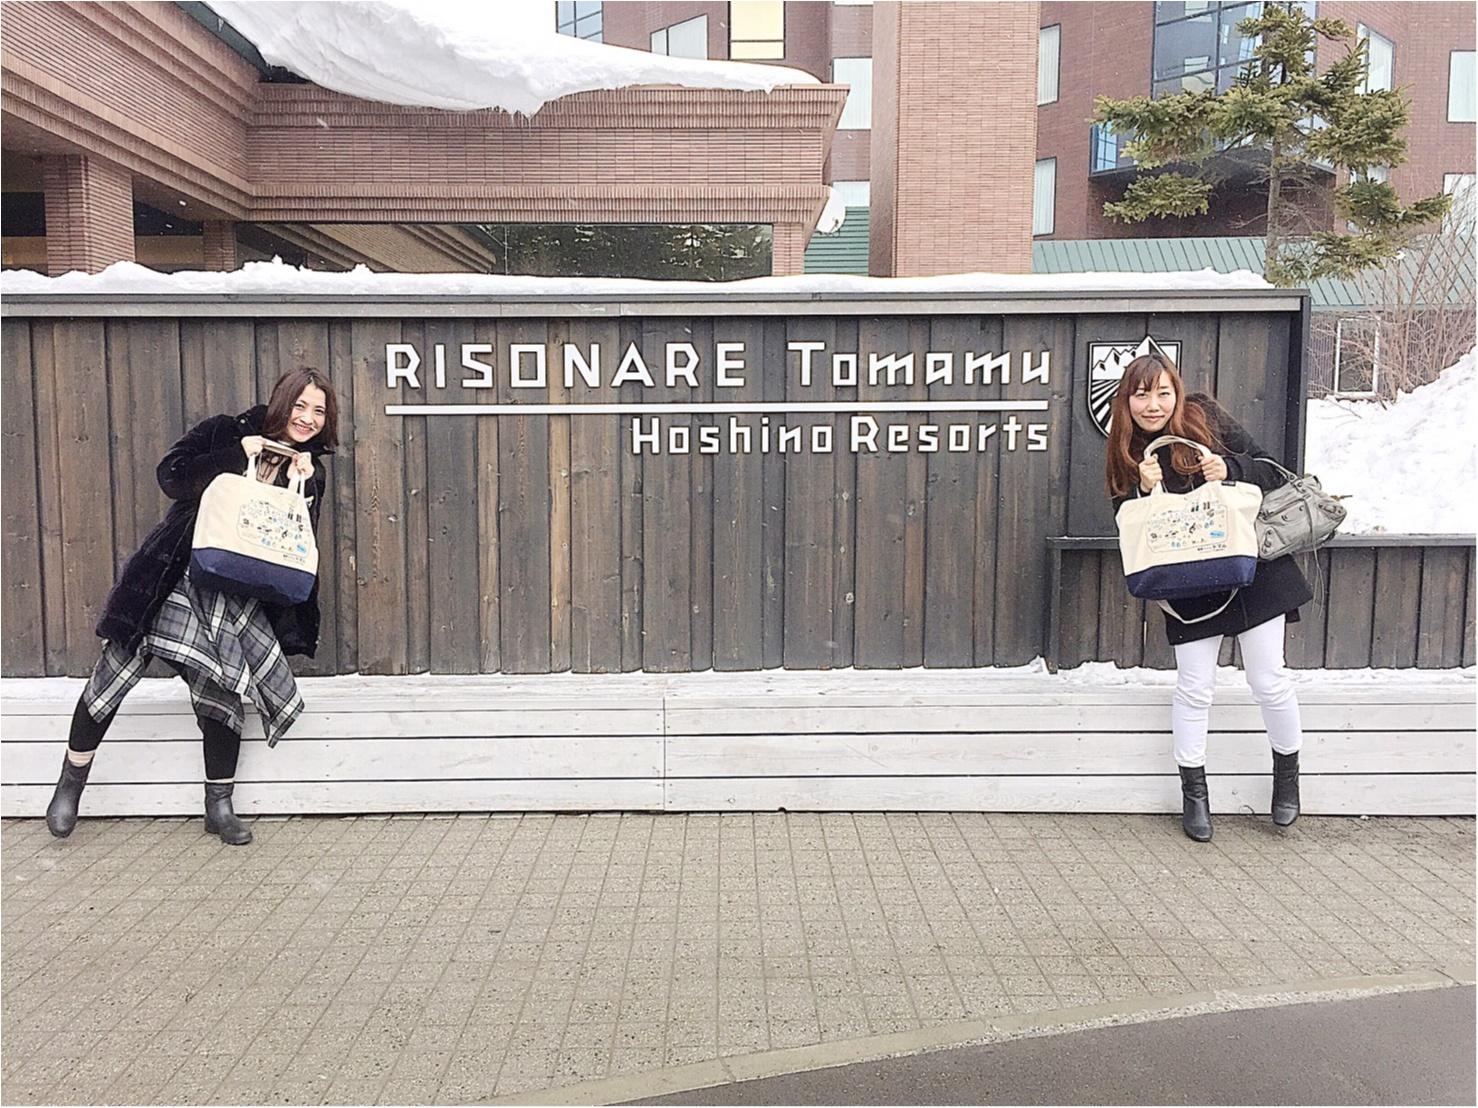 《街歩き服で氷のリゾートへ突撃!!》「星野リゾート リゾナーレトマム」が提案する「雪ガールステイ」で快適・便利・楽しい!女子旅をしよう♡_1